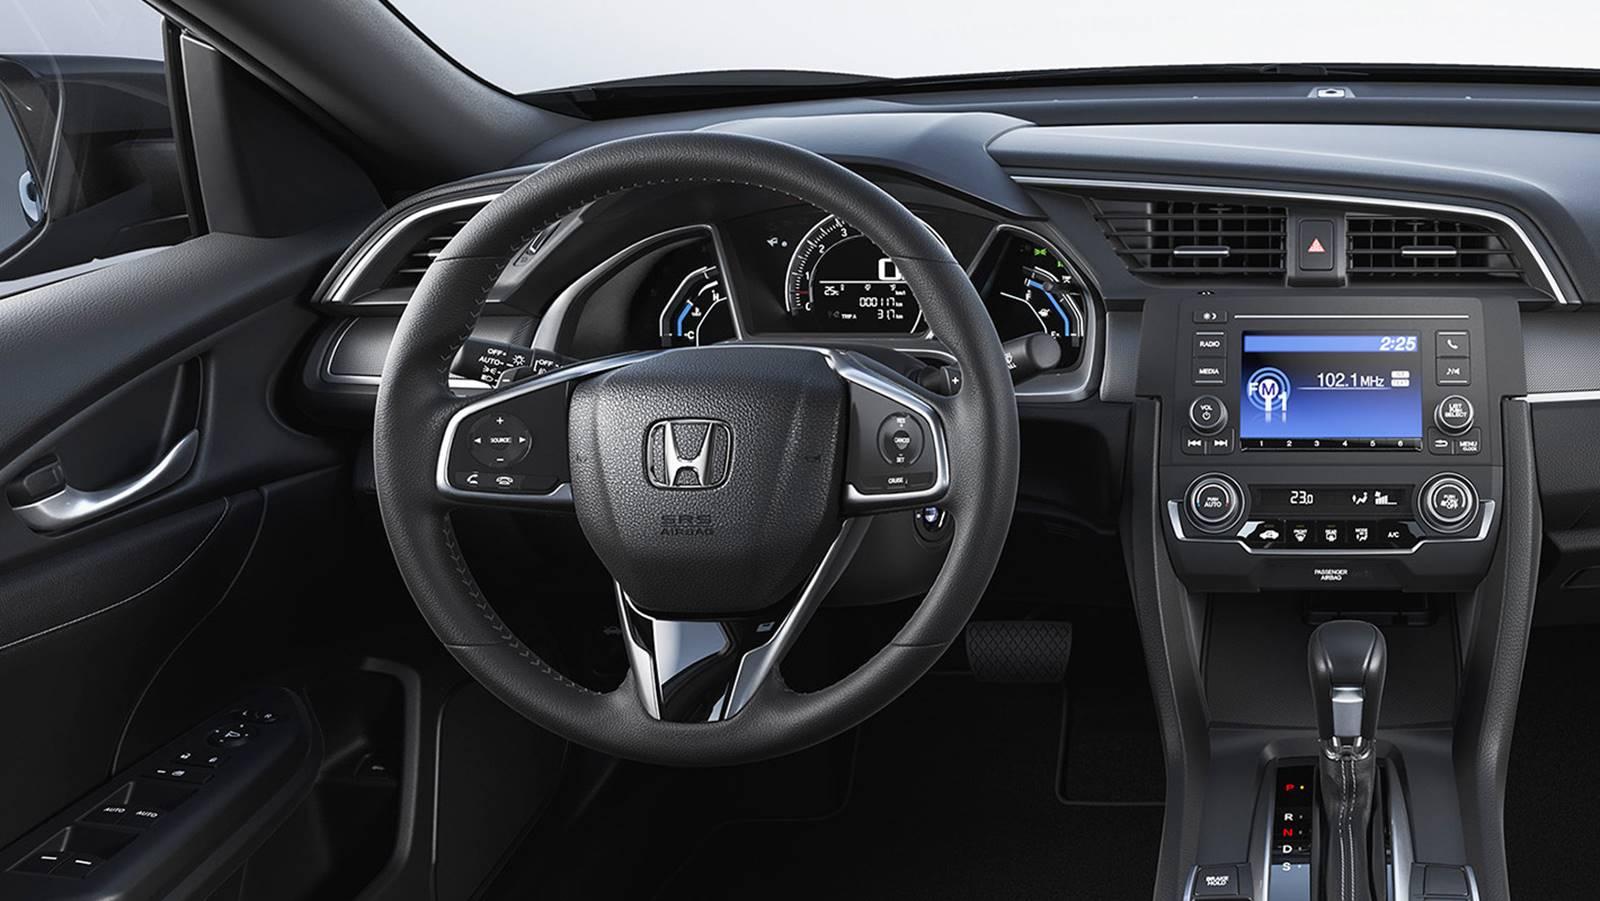 2017 honda civic ex sedan manual